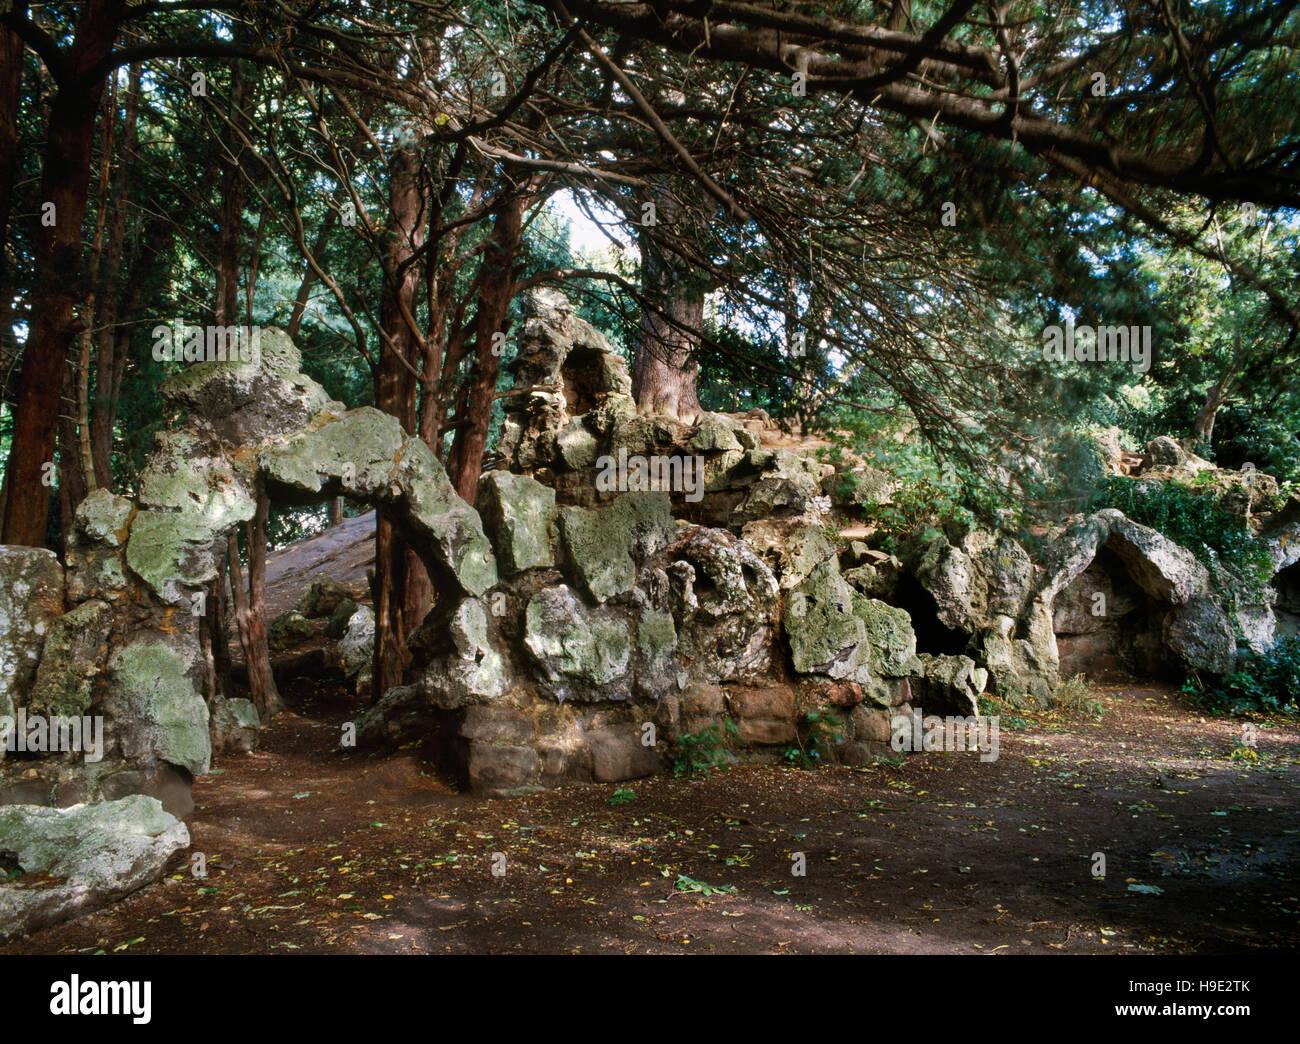 """Resti di un C xix secolo rockwork """" castello in rovina"""" costruito in pietra di tufo dal capo giardiniere Immagini Stock"""